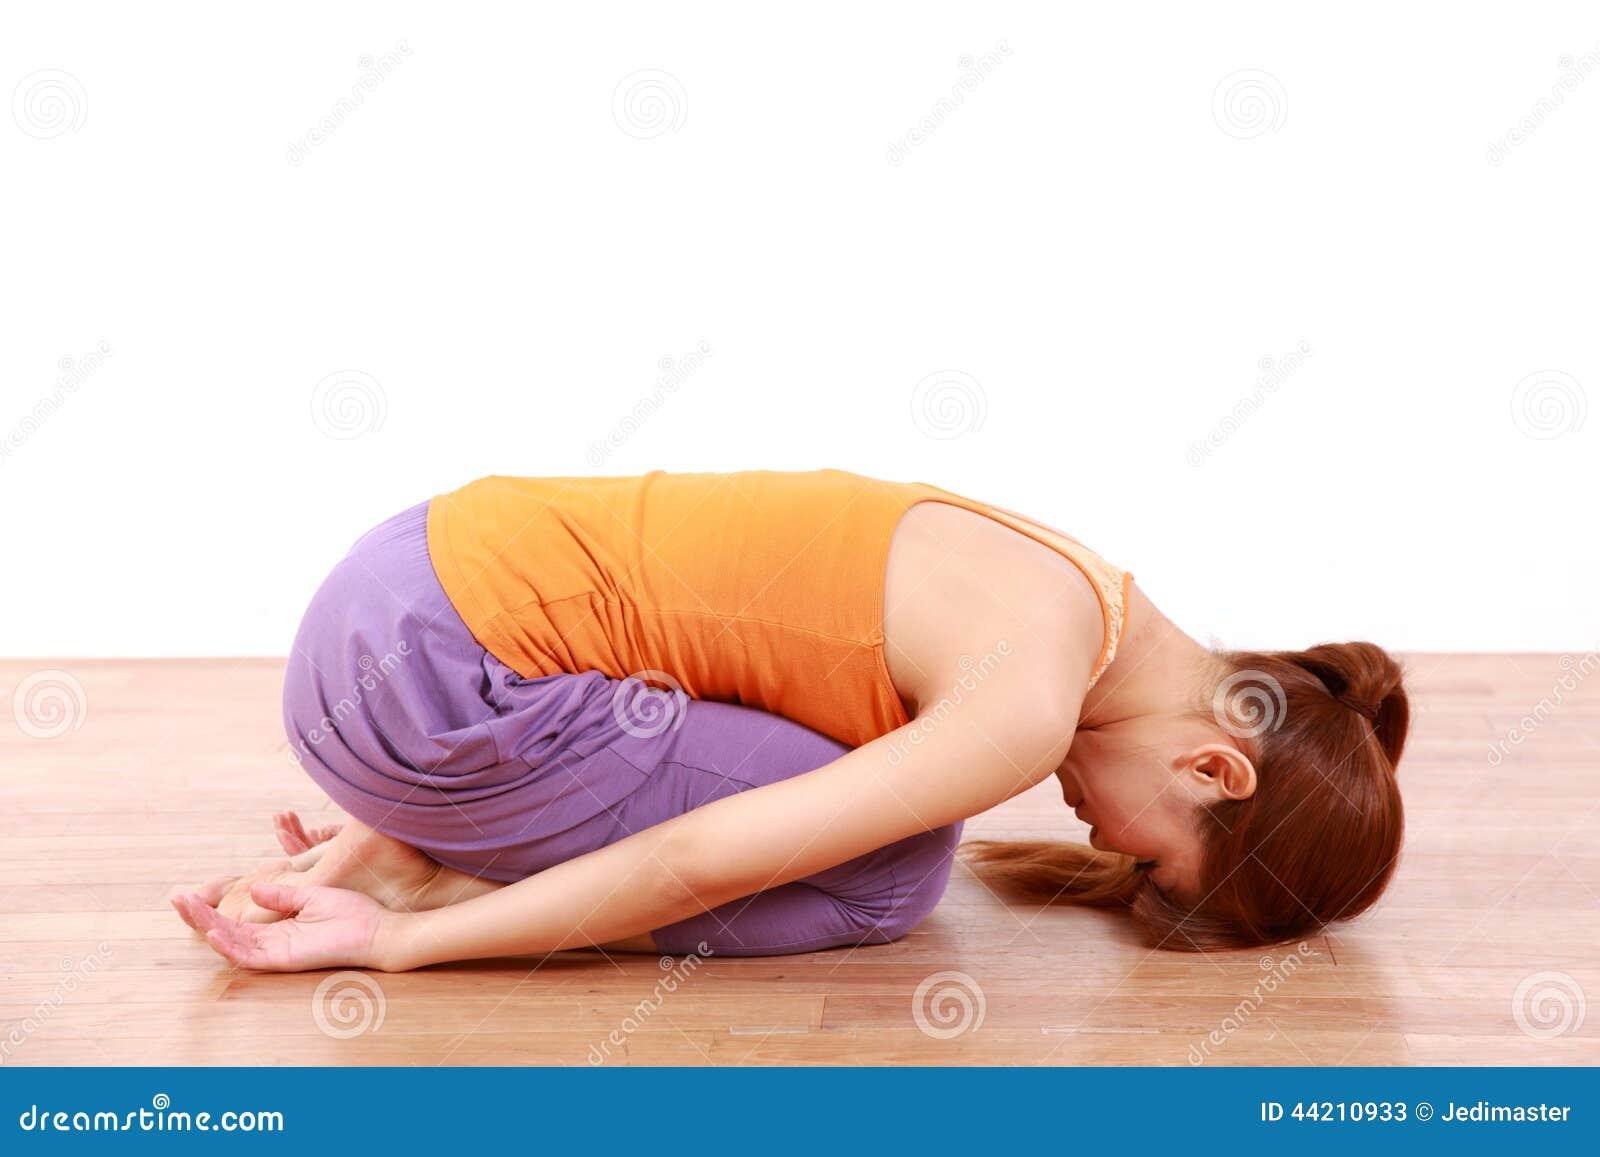 posture yoga japonais